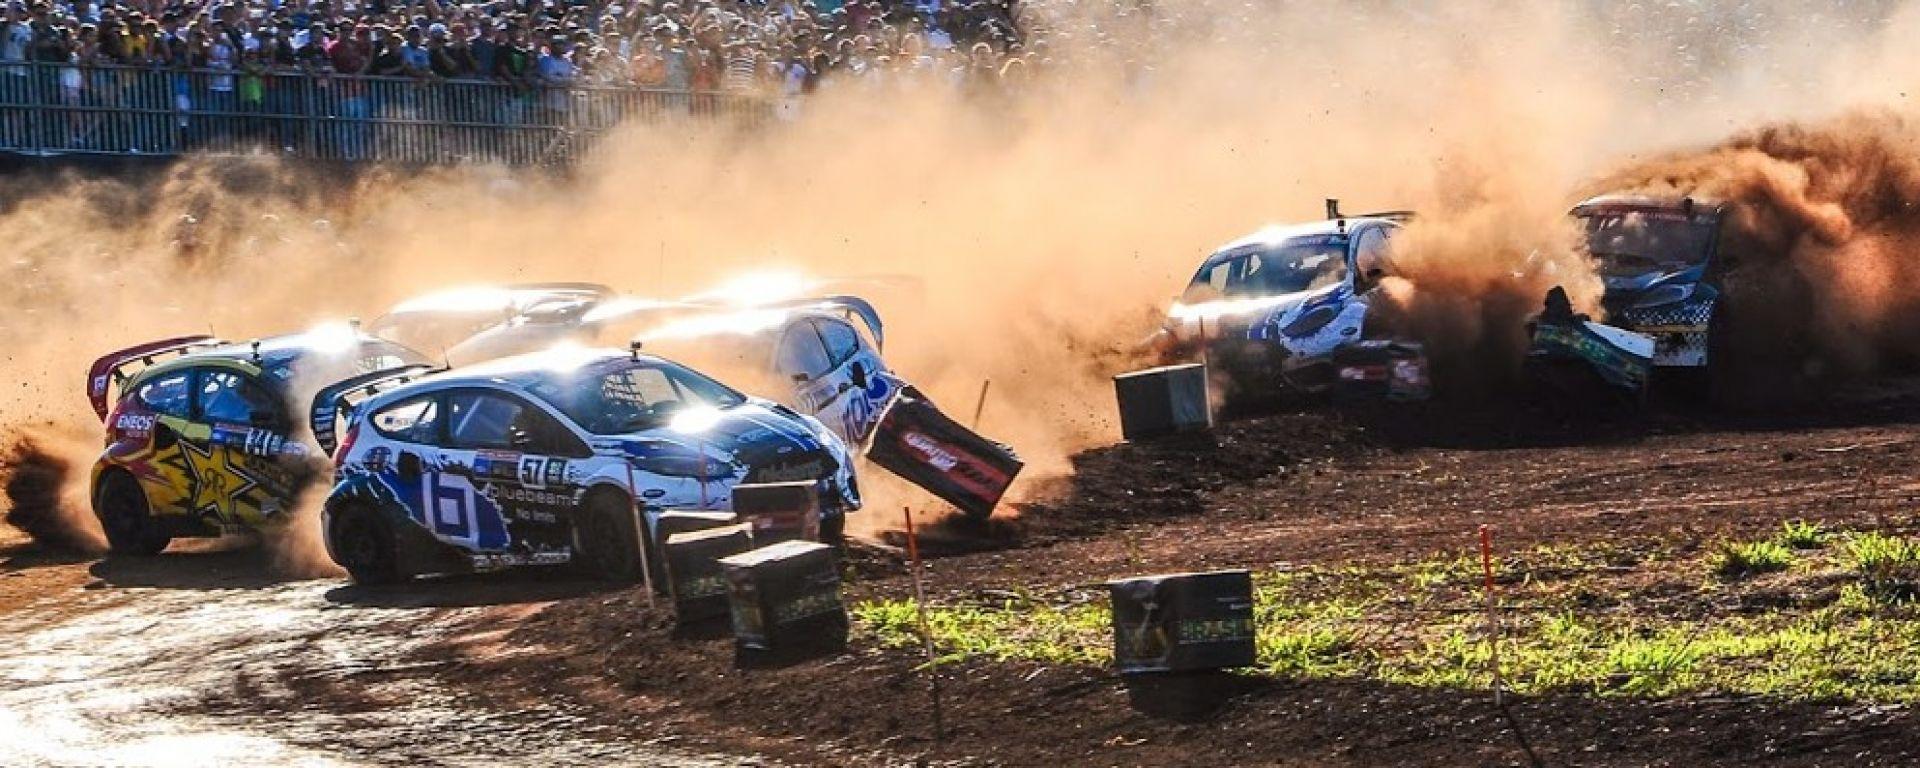 Il mondiale FIA Rallycross, dal 2020, sarà solo elettrico